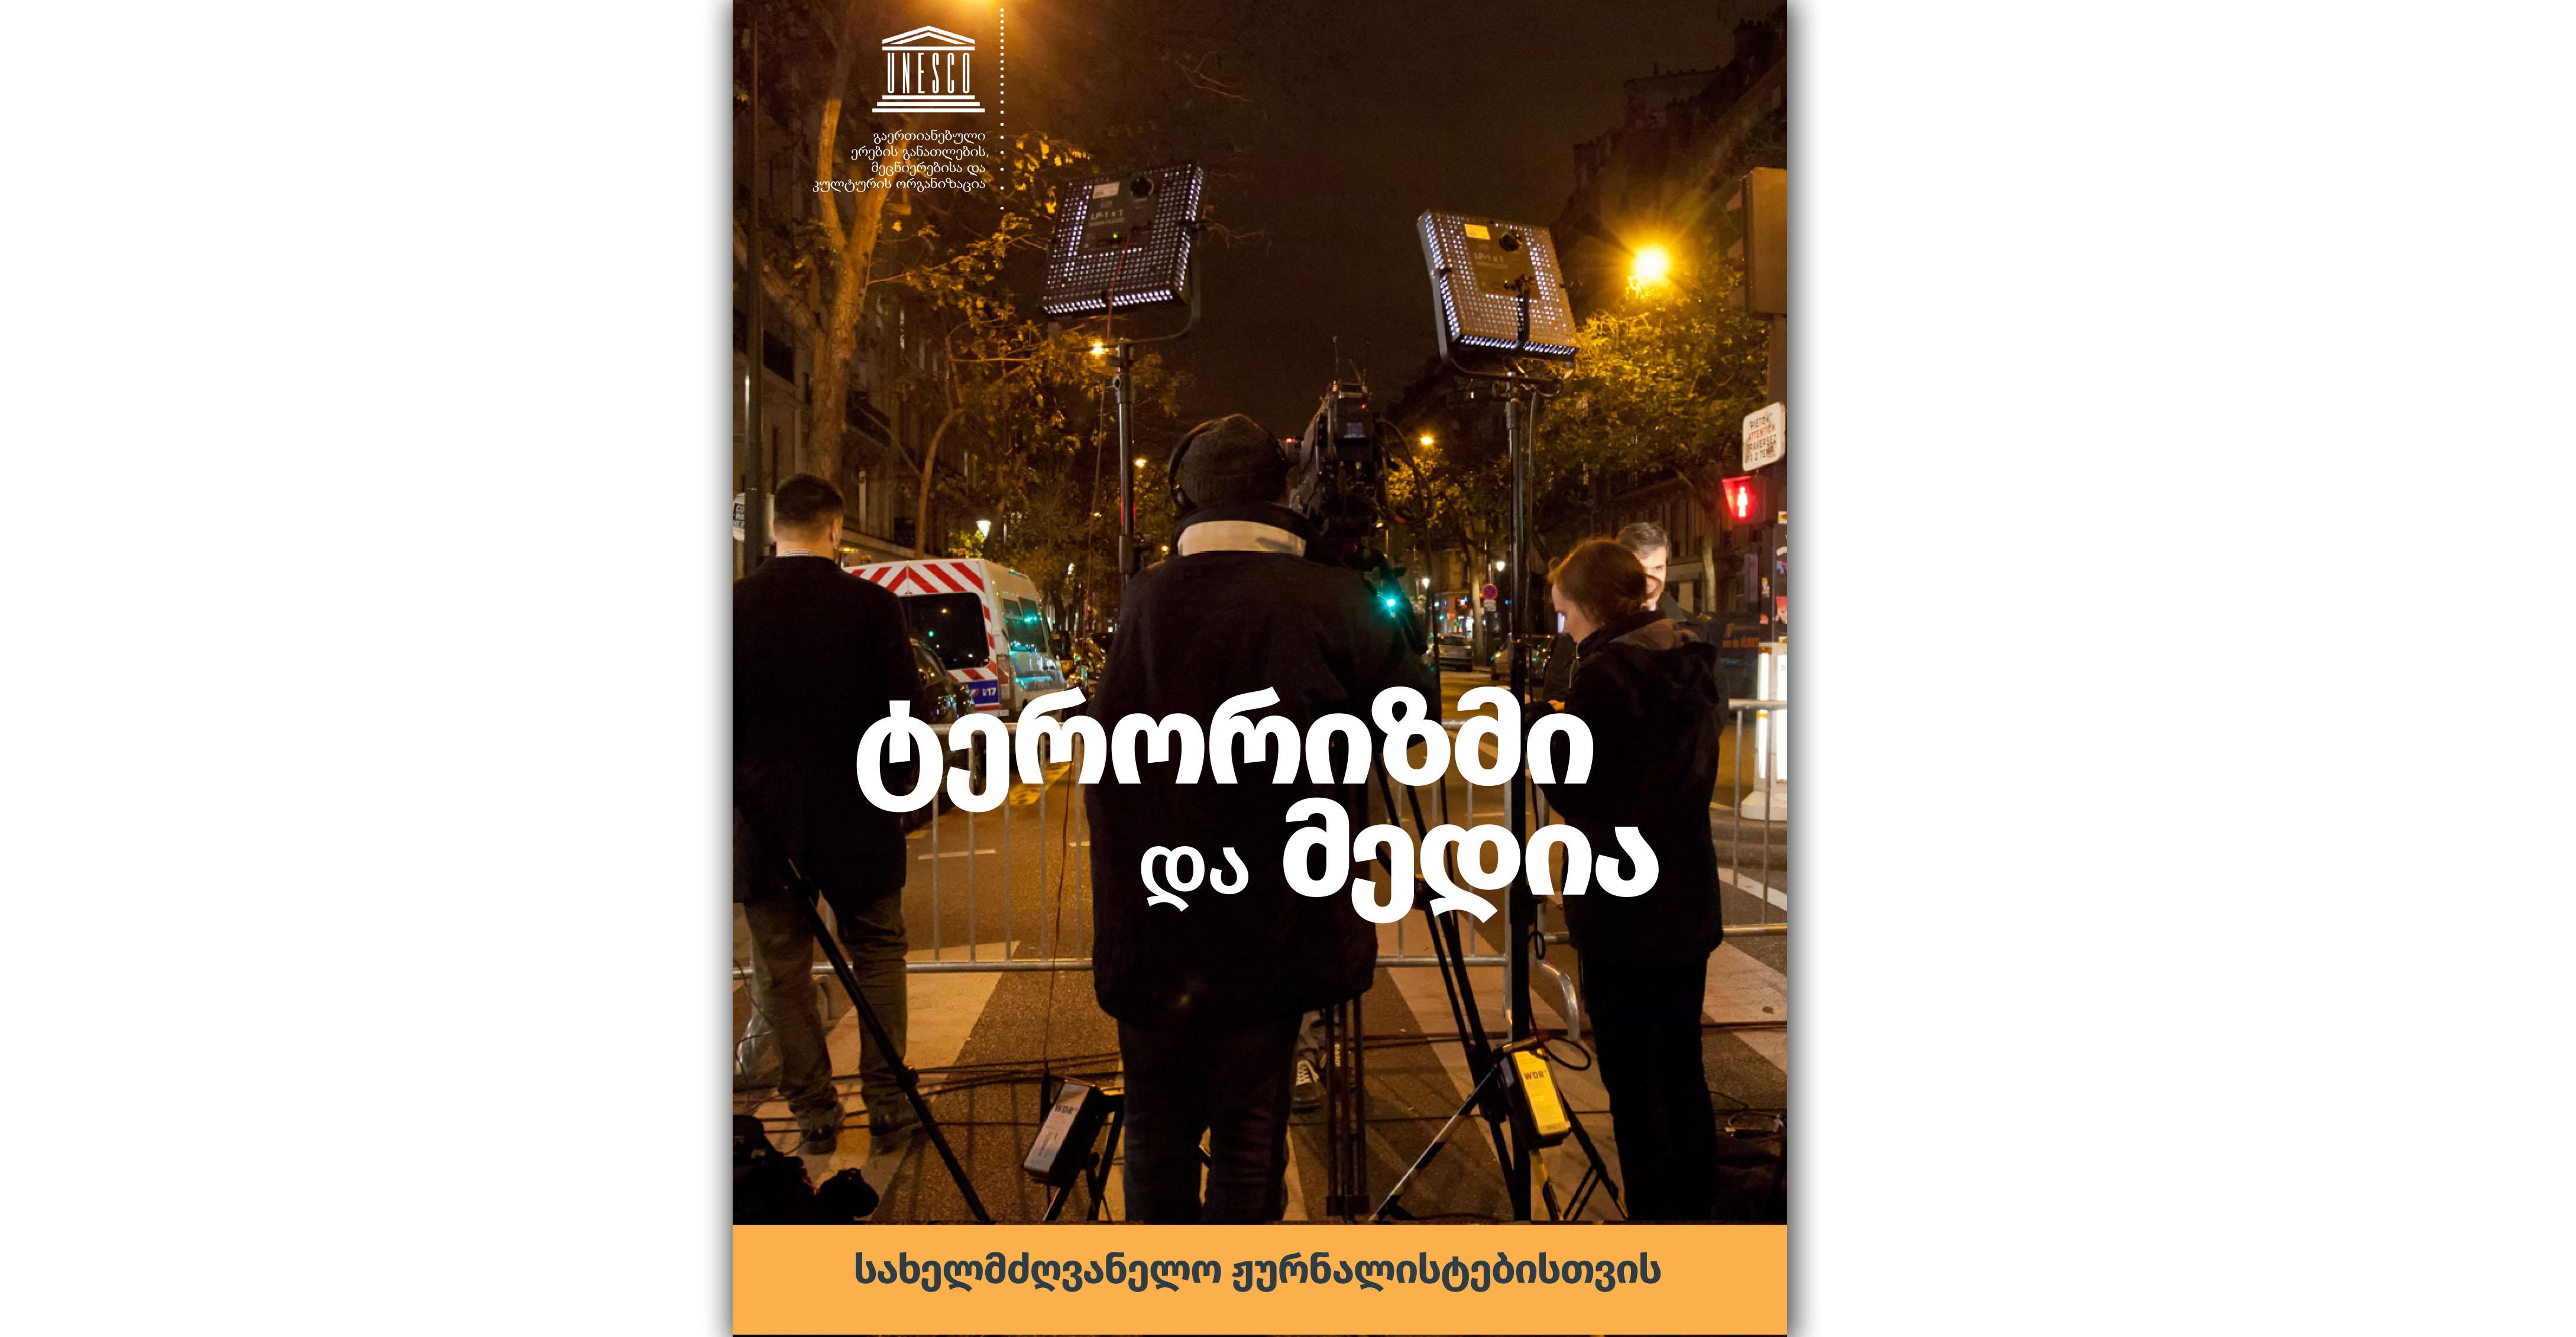 """ჟან-პოლ მარტოზის სახელმძღვანელო """"მედია და ტერორიზმი"""" ქართულად ითარგმნა"""